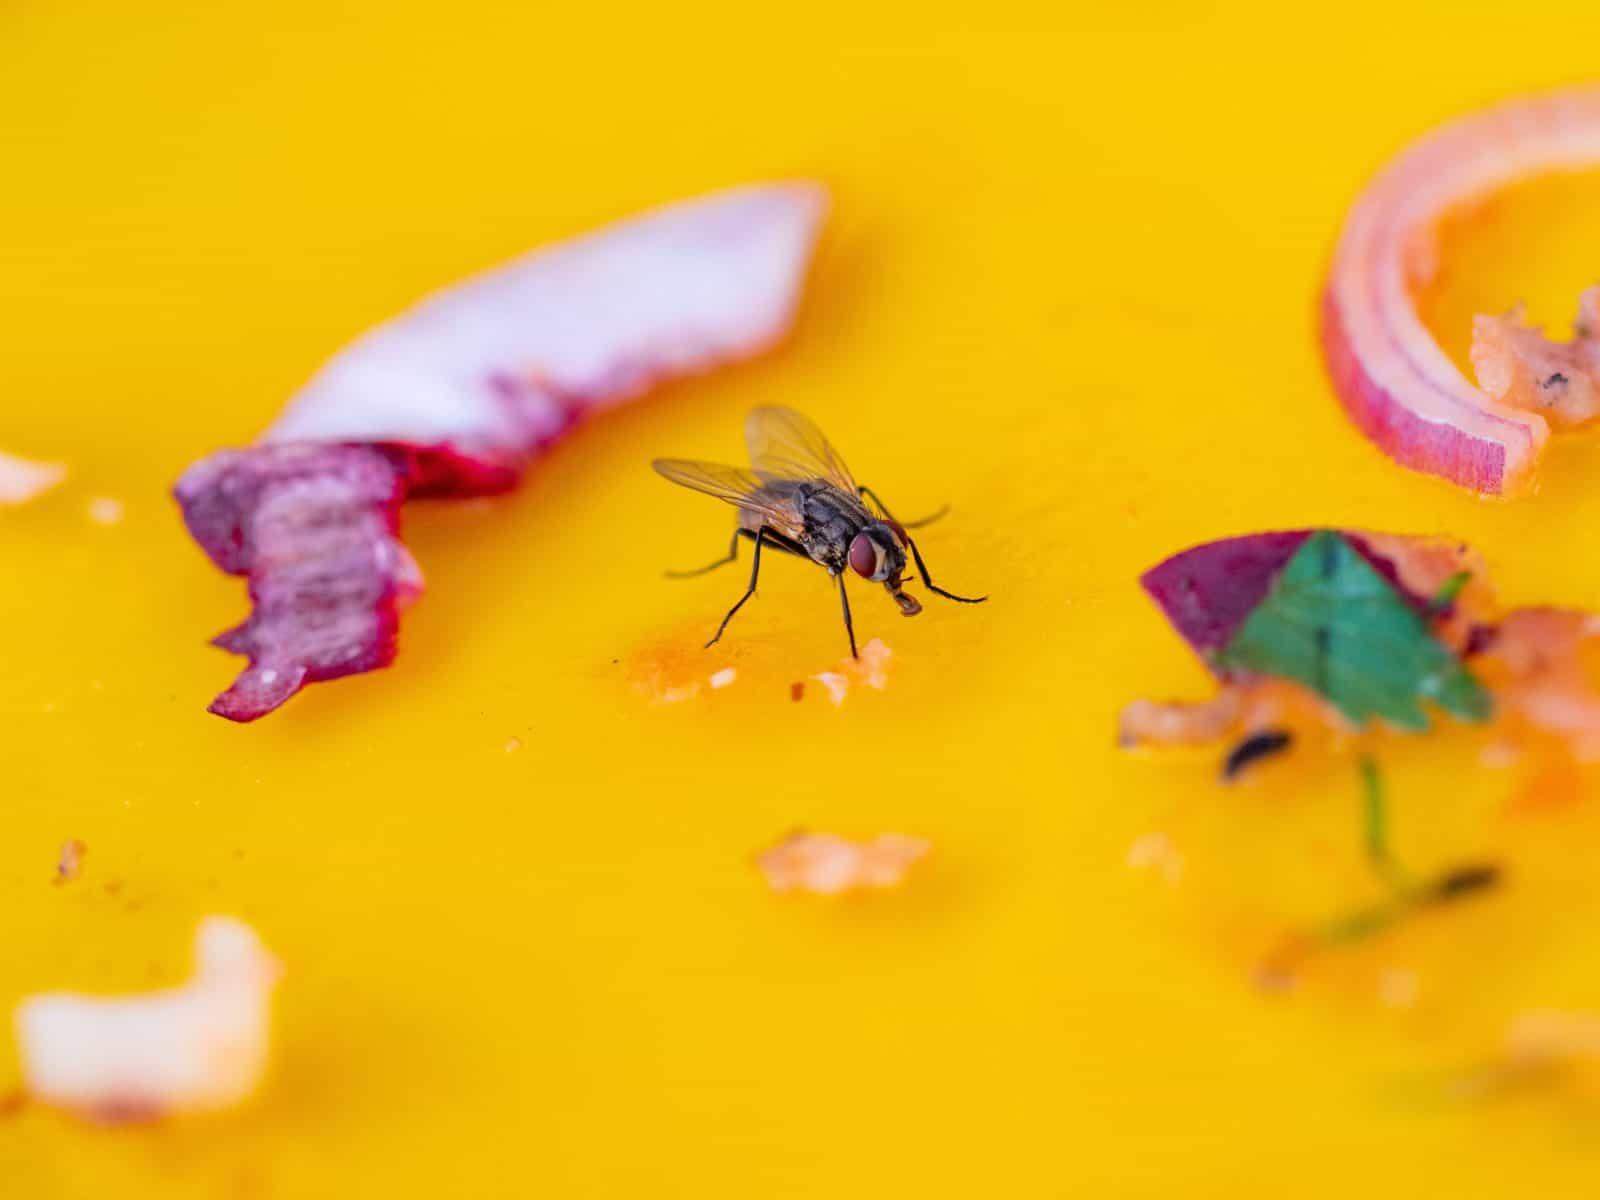 Une mouche, posée sur une table, est en train de manger.